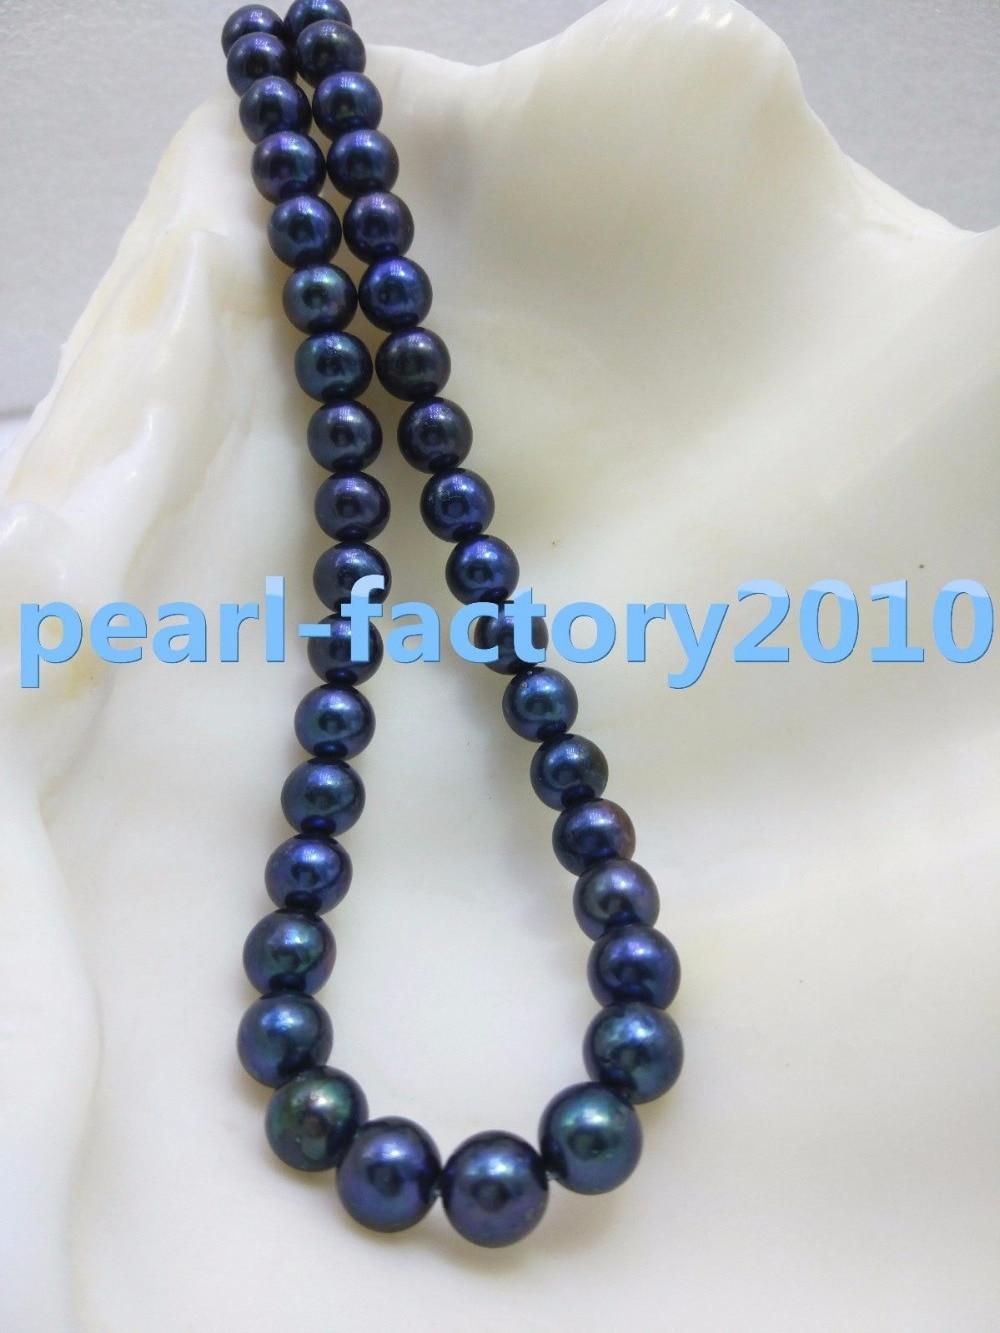 Collier de perles noires 18 9-10 MMCollier de perles noires 18 9-10 MM